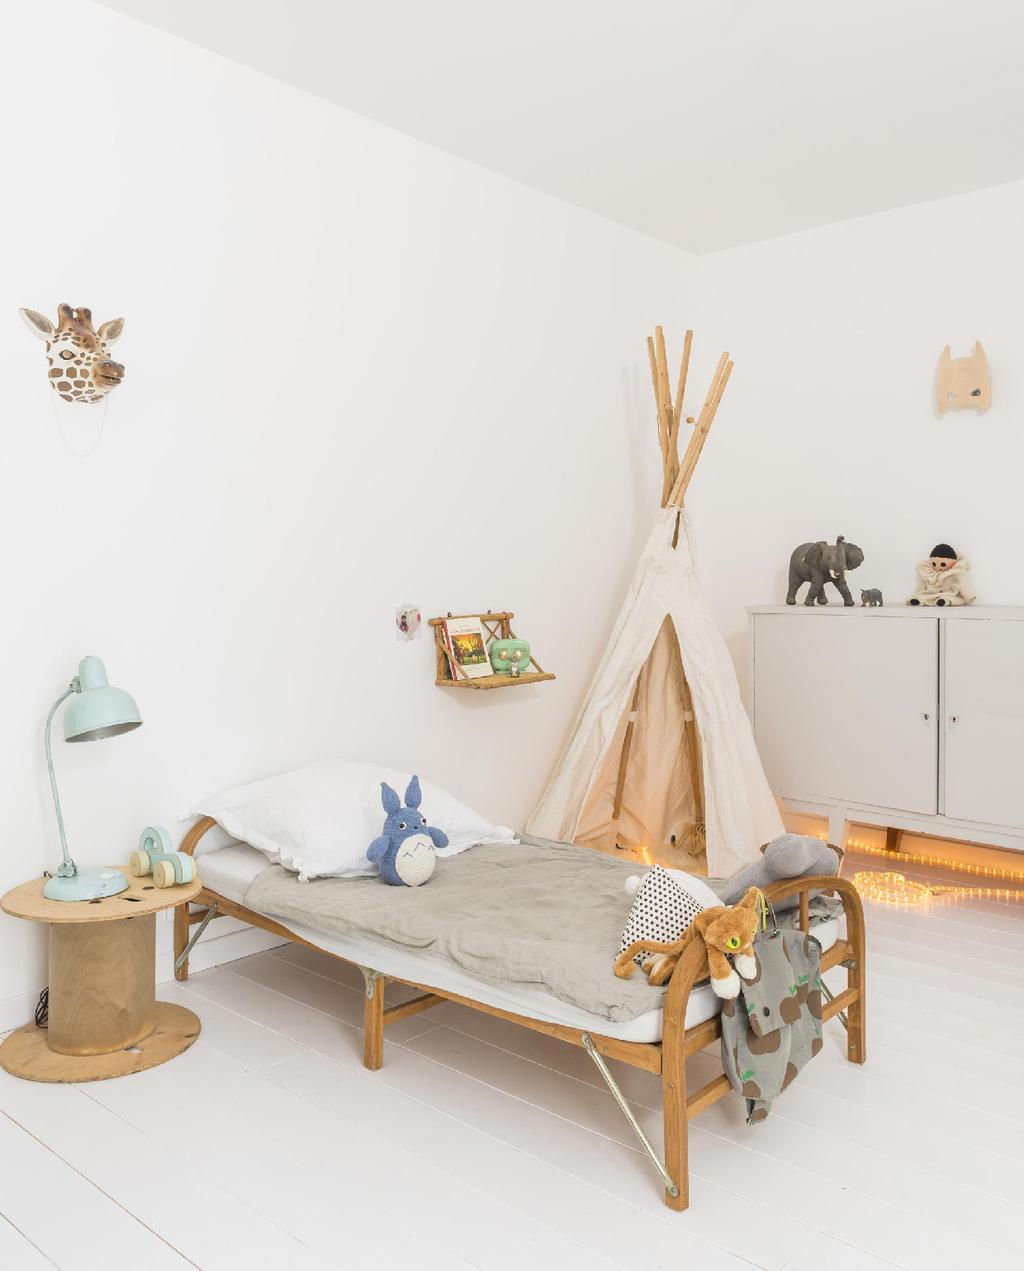 vtwonen 09-2015 | binnenkijken biarritz kinderkamer met houten meubels en tipi speeltent